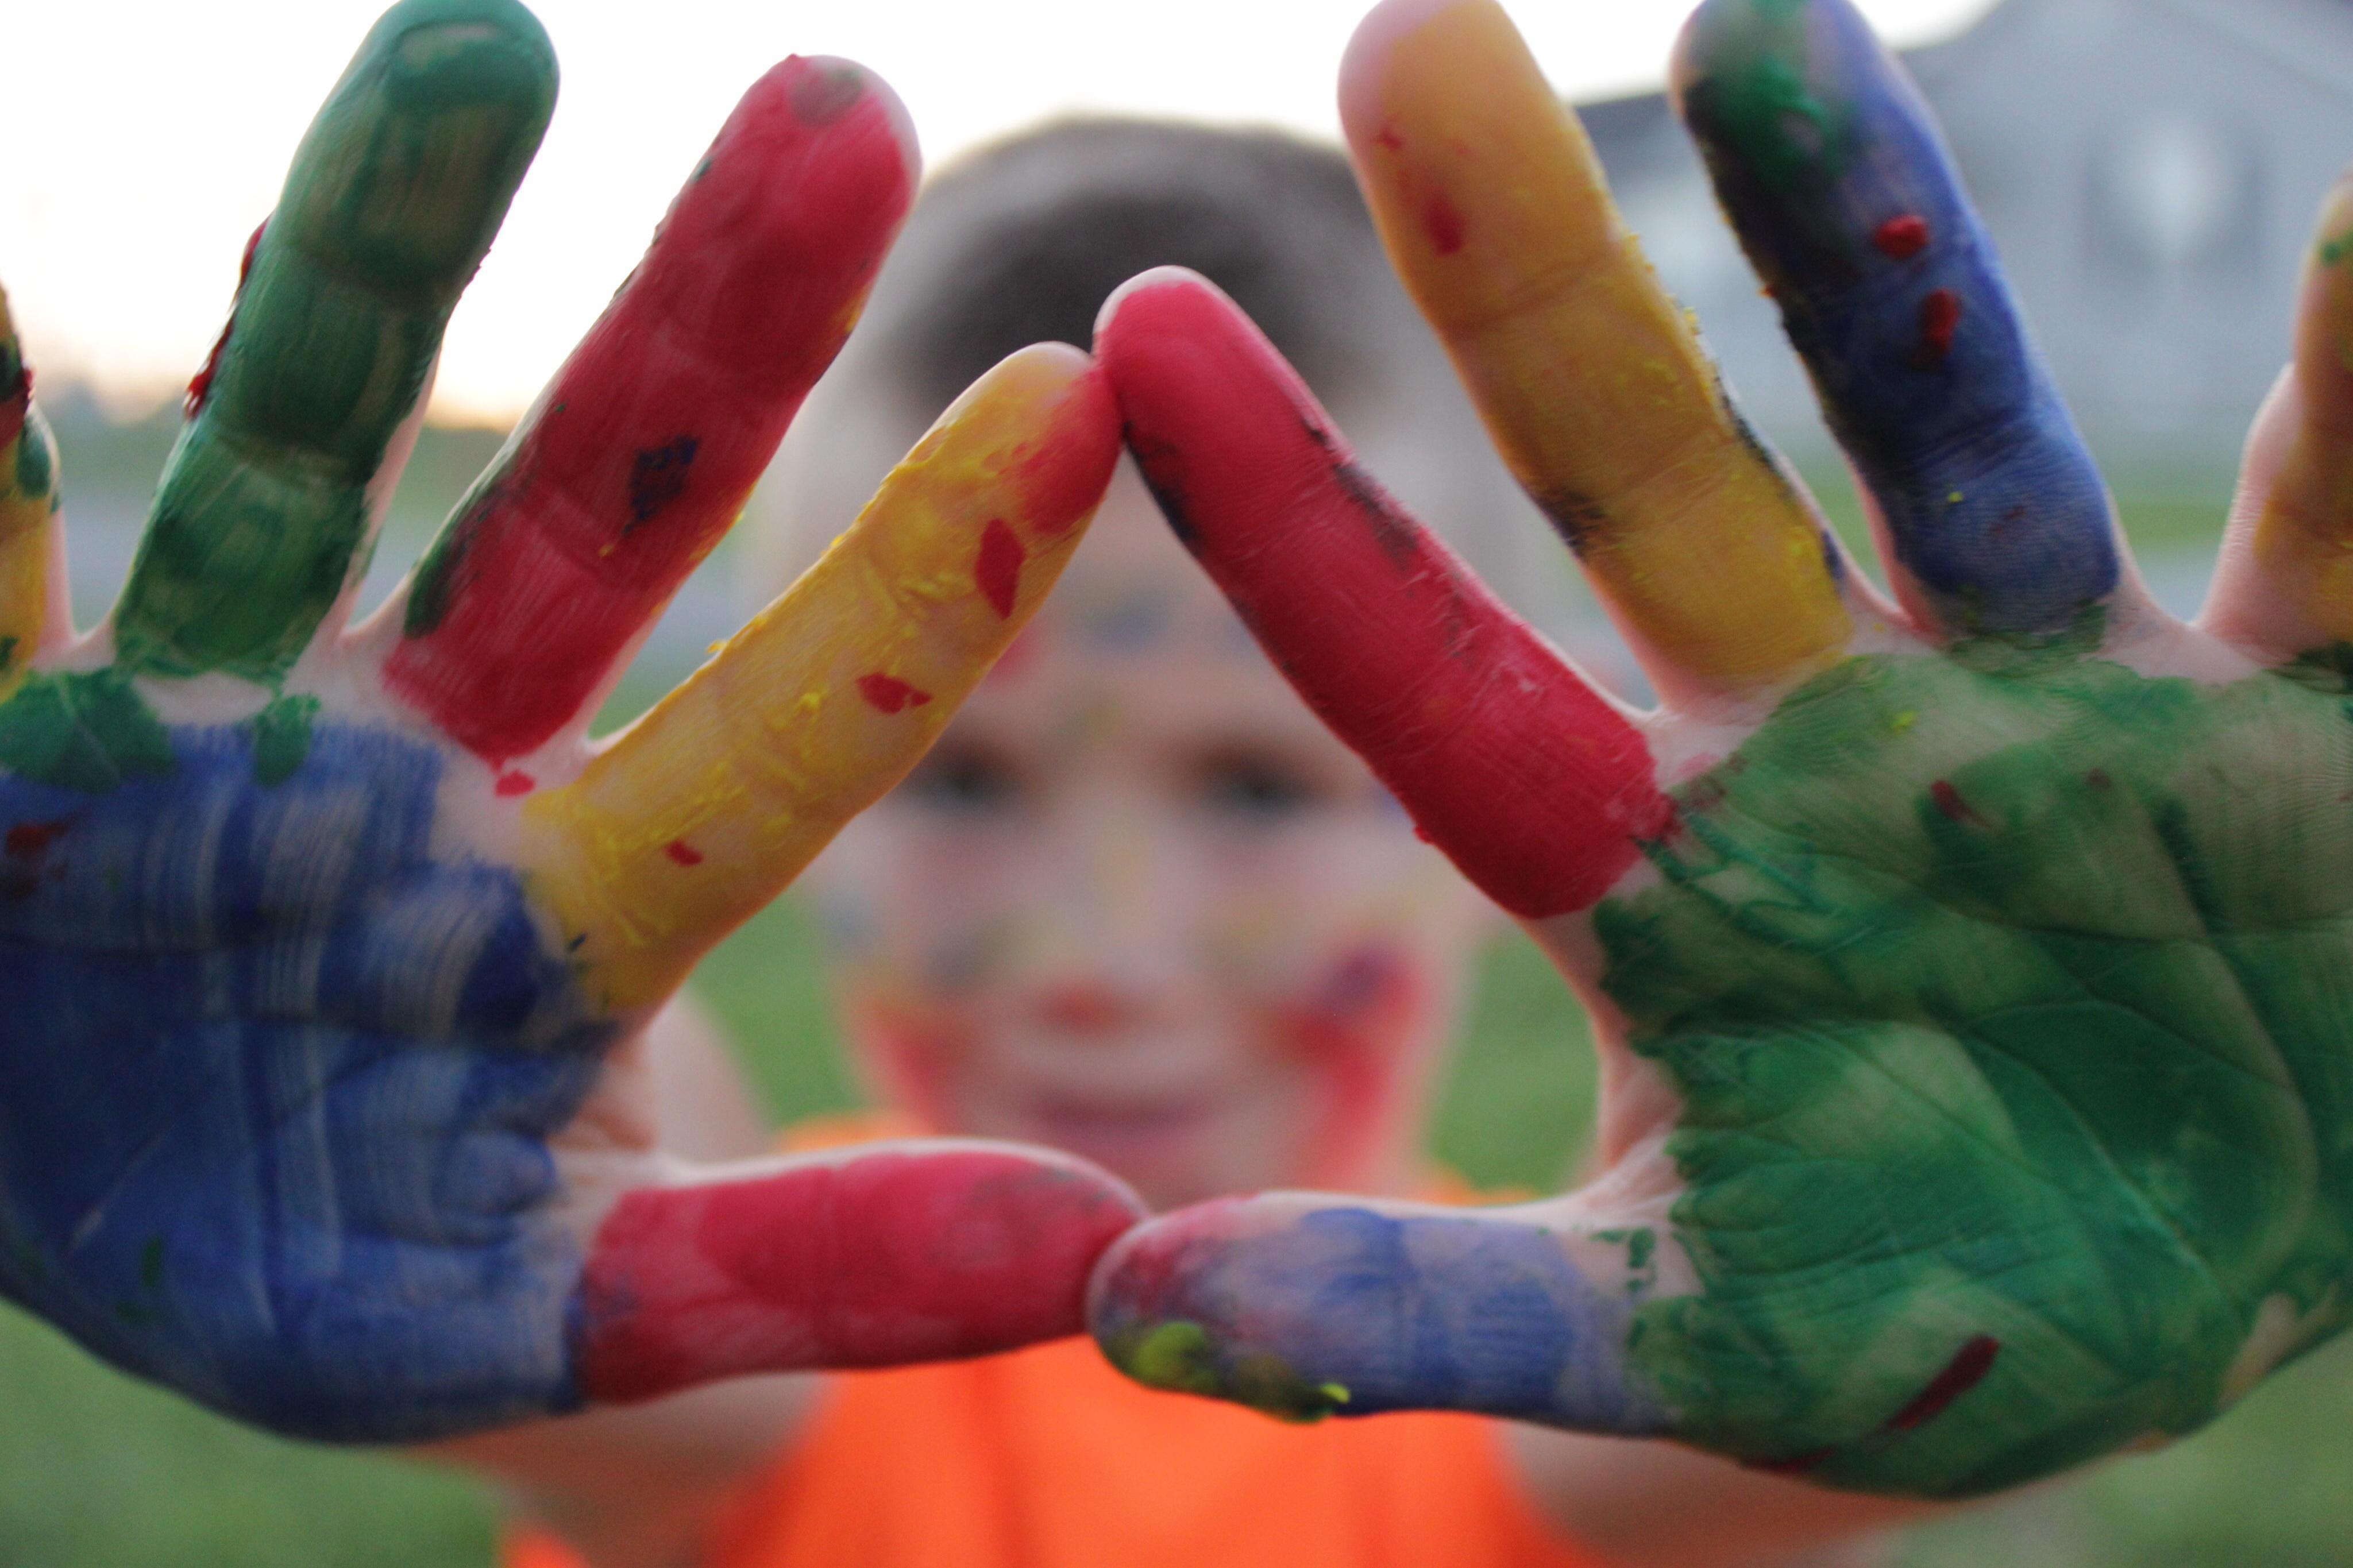 El narcisismo y la autoestima de los niños